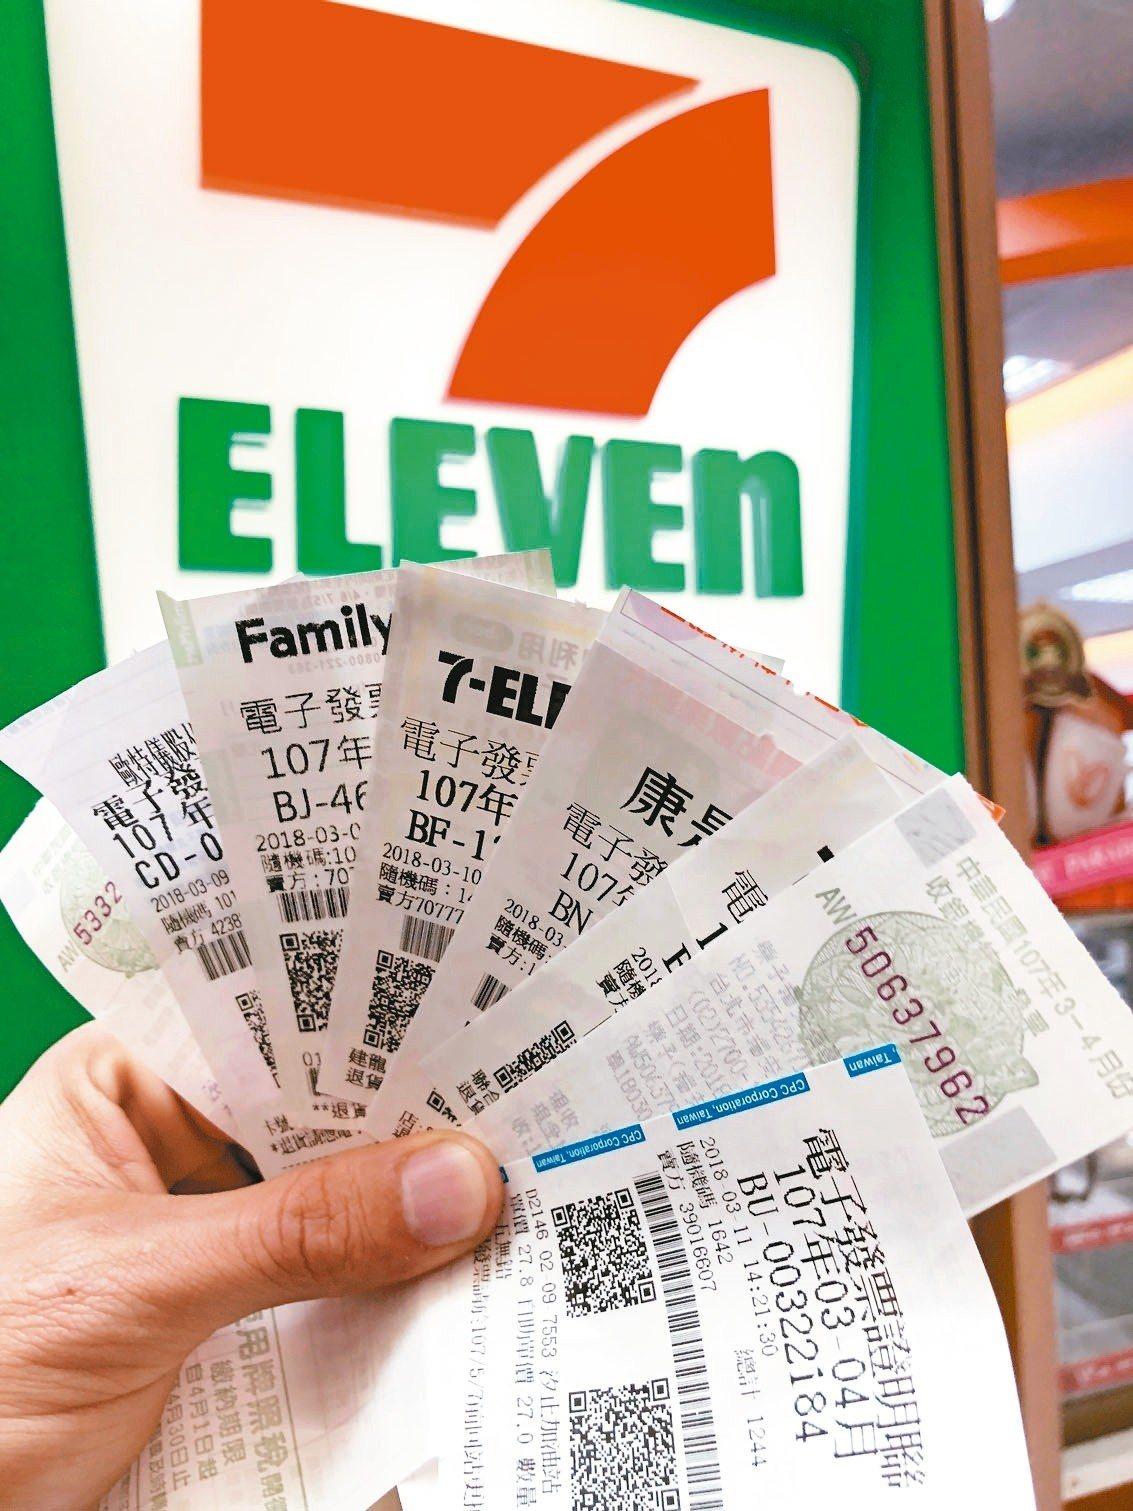 明年起,統一發票千元以下獎項可直接在便利商店、超市領取。 記者陳易辰/攝影